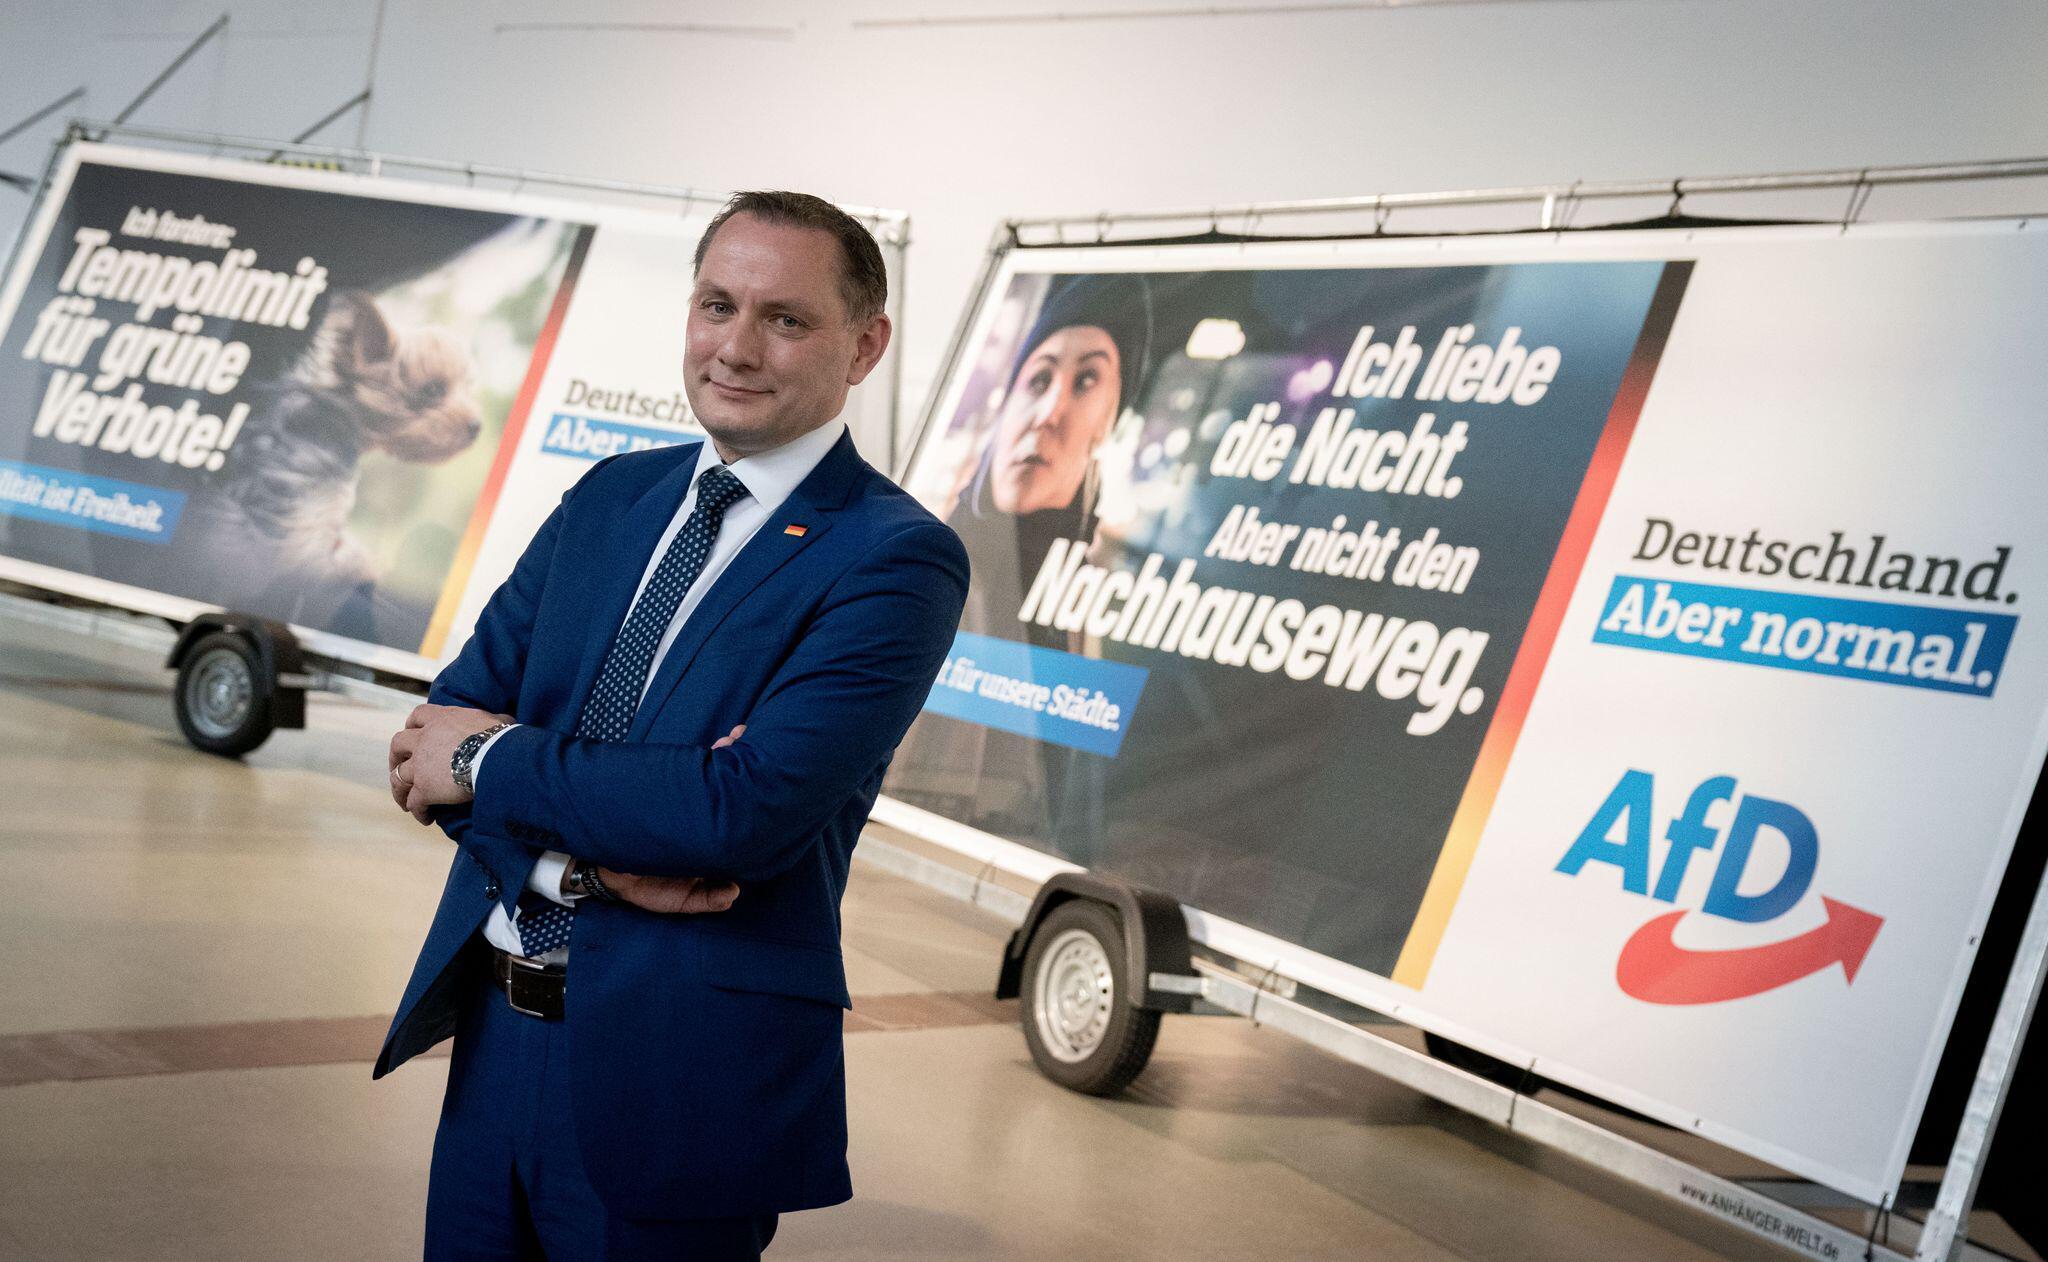 Bild zu Präsentation der AfD-Bundestagswahlkampagne